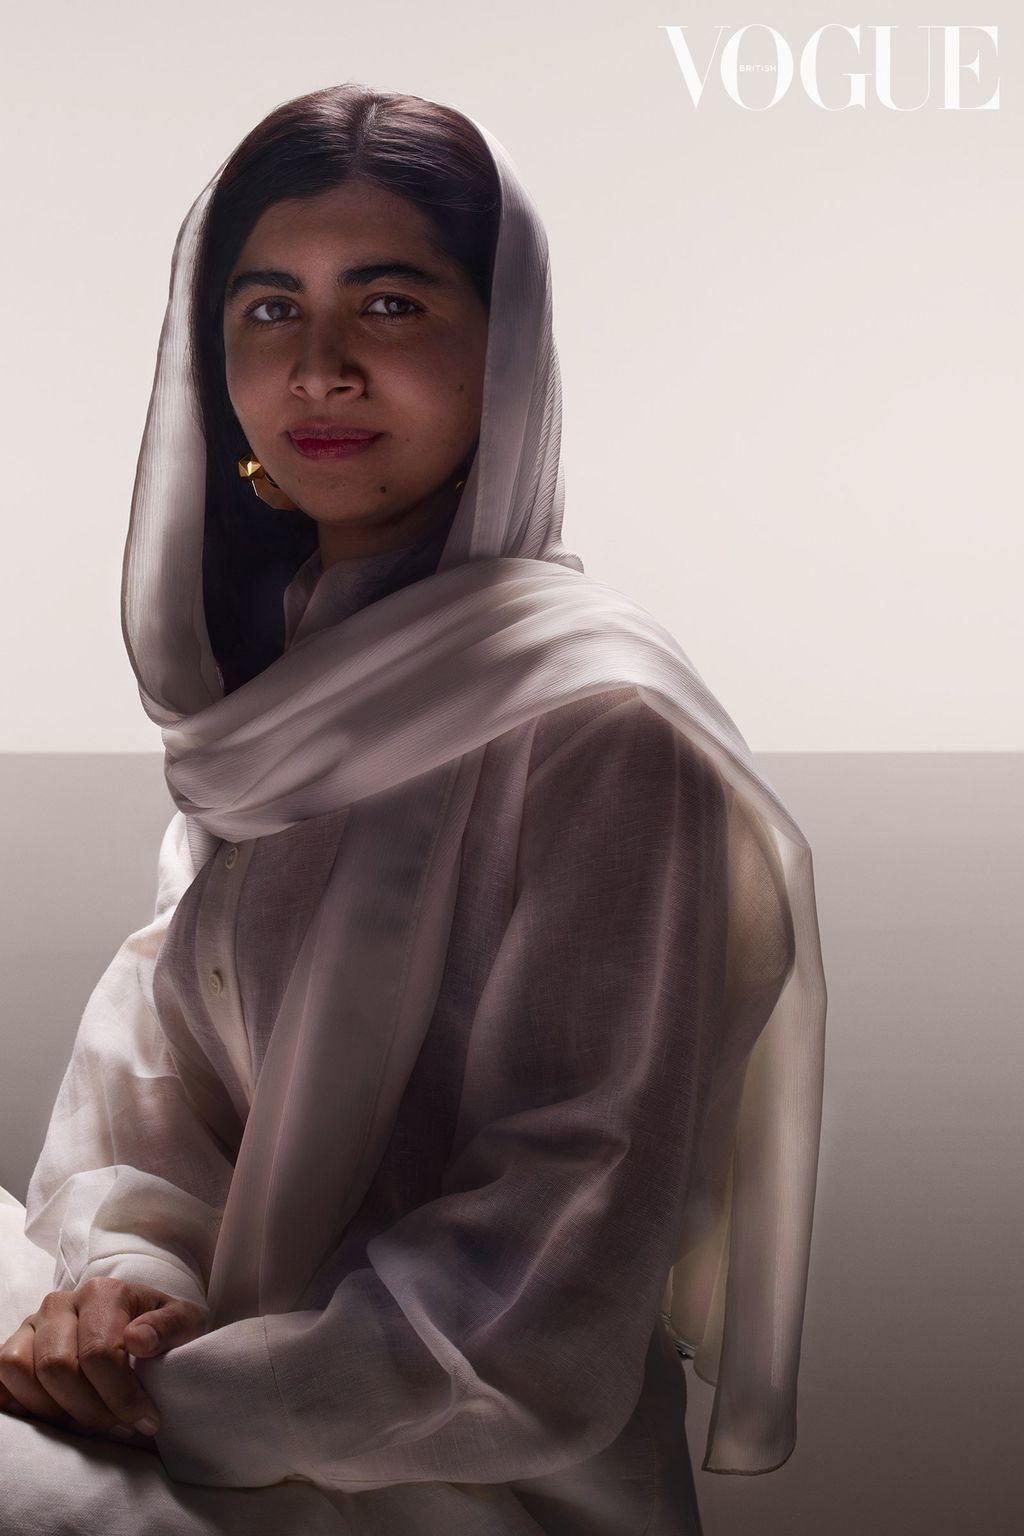 Malala Vogue UK July 2021